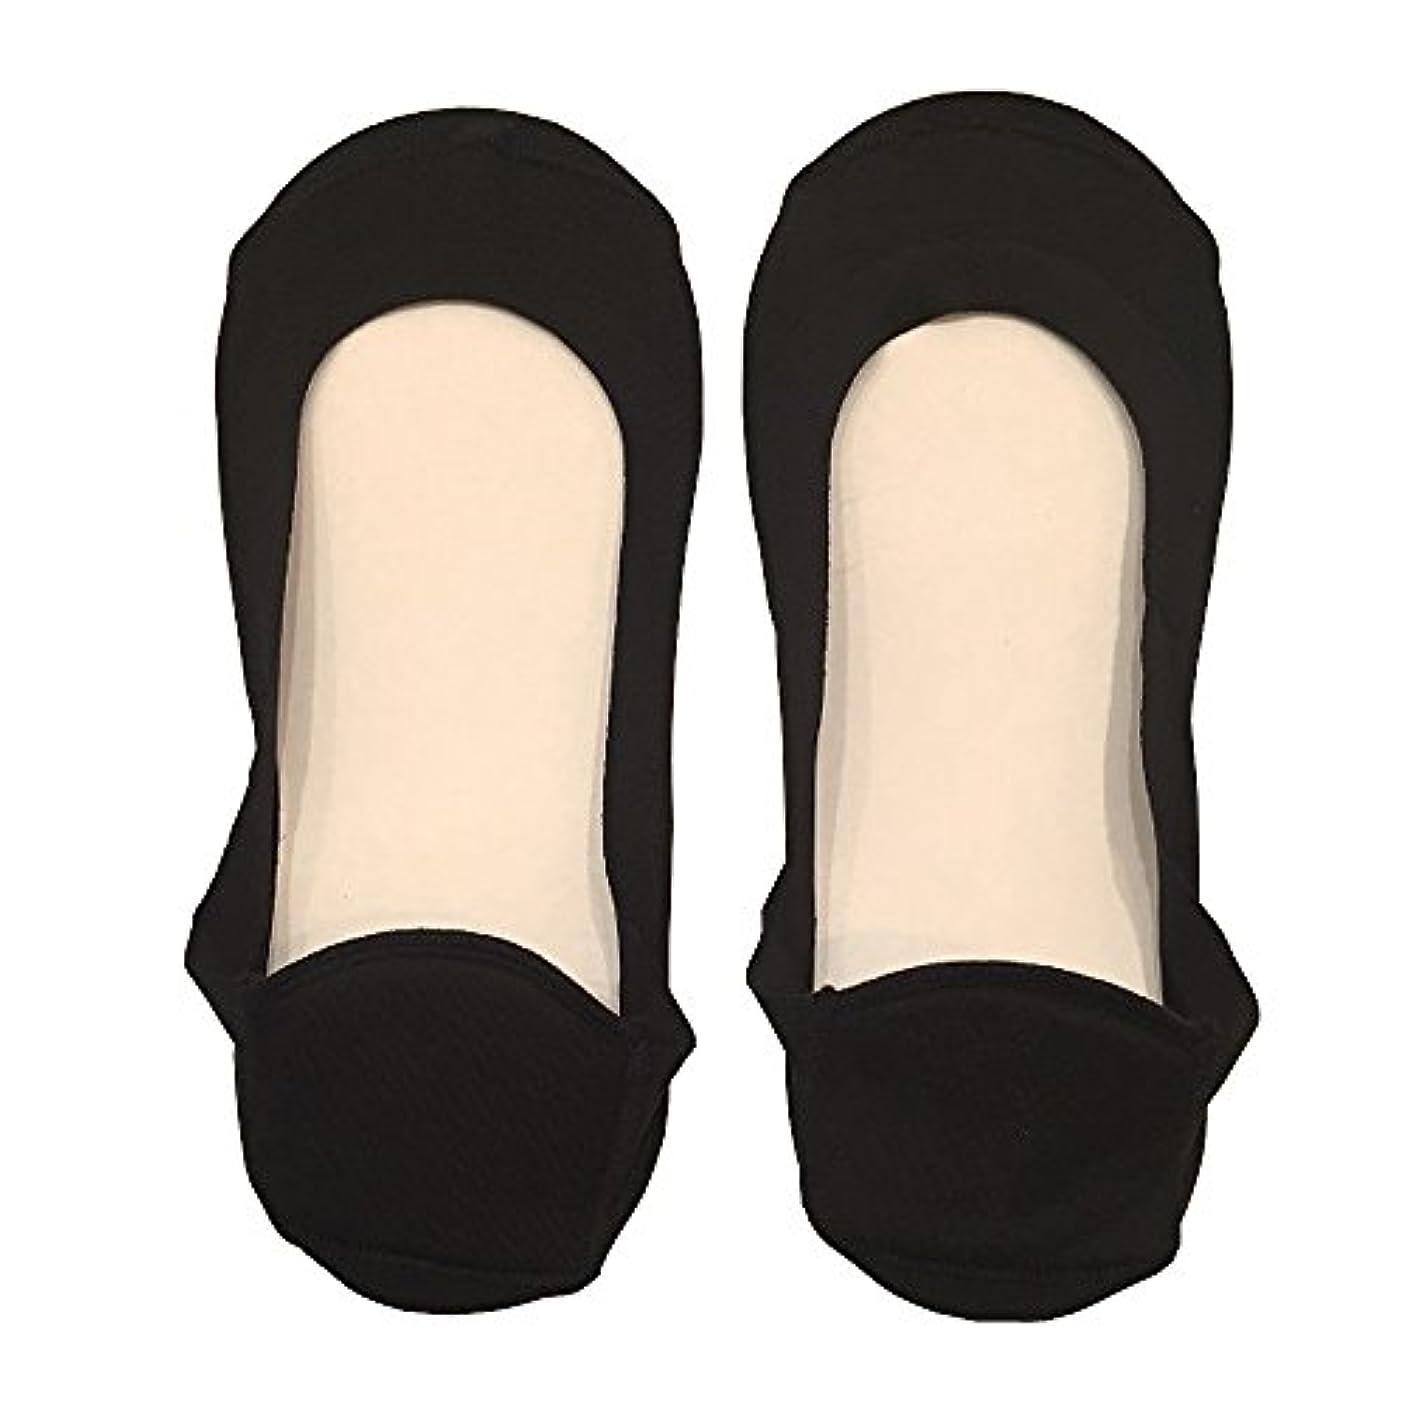 ドラマダウンタウン呼ぶDrScholl(ドクターショール)靴ずれ防止フットカバー かかとクッション付き 8804DR-07 ブラック